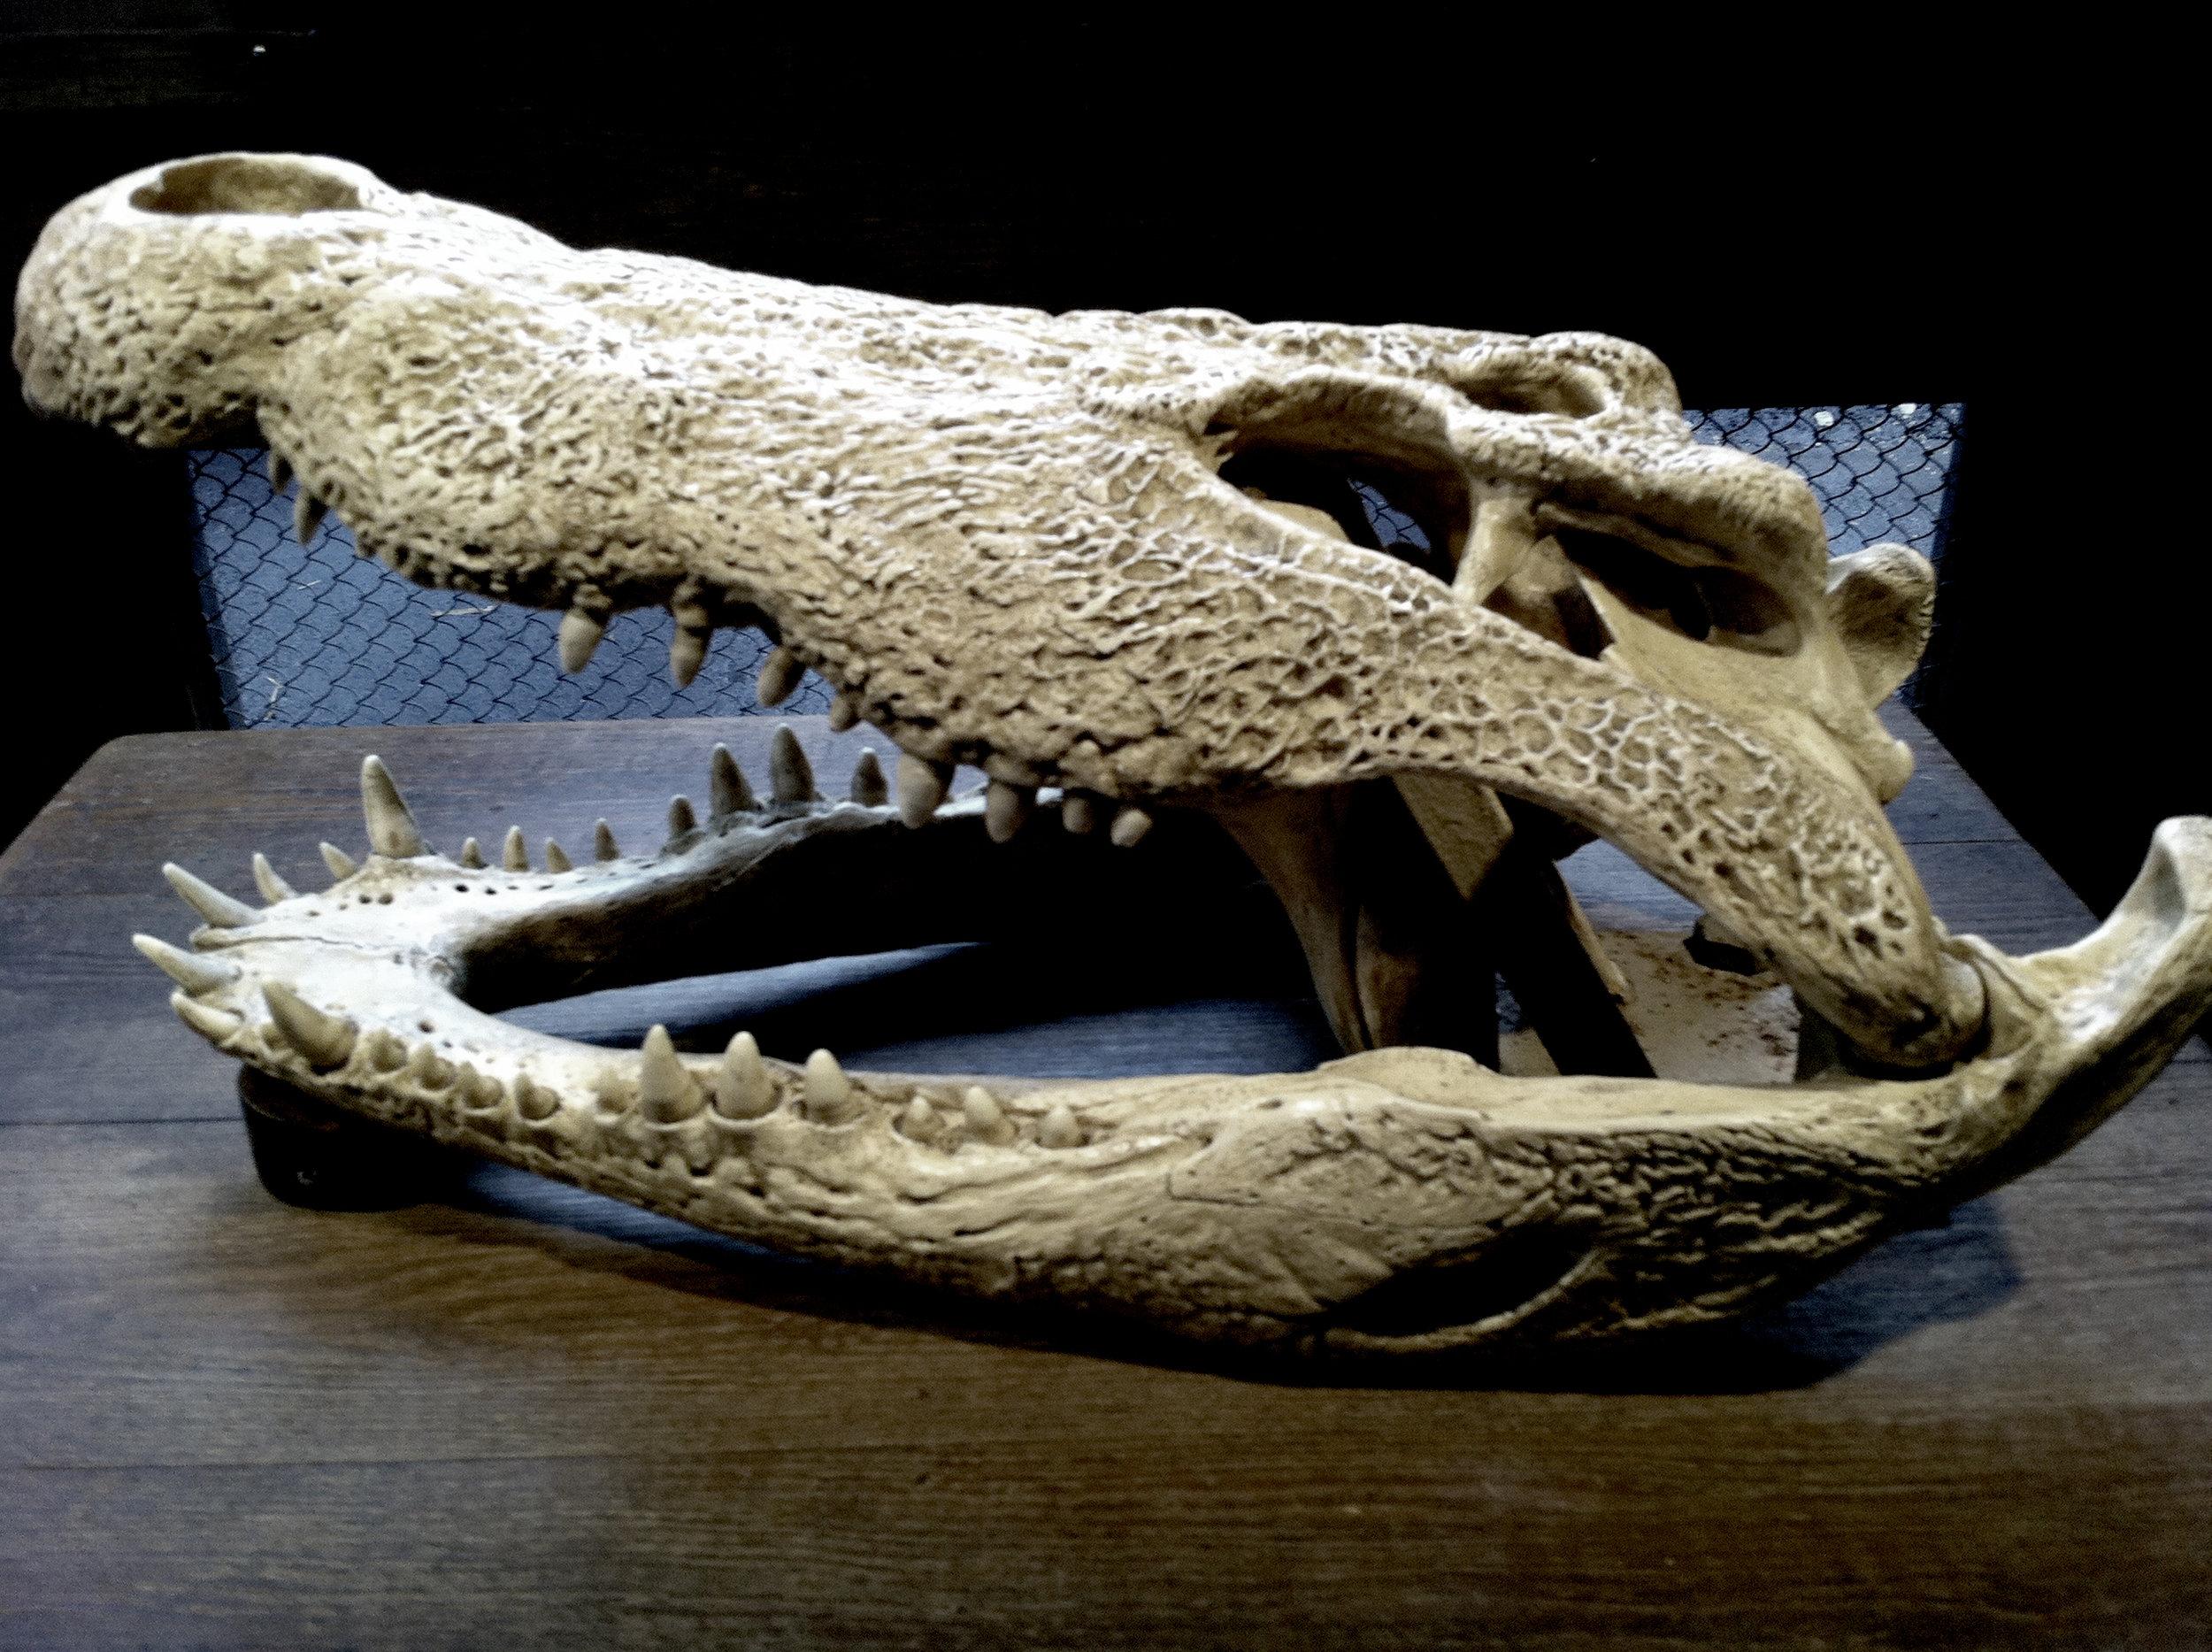 Crâne d'un crocodile